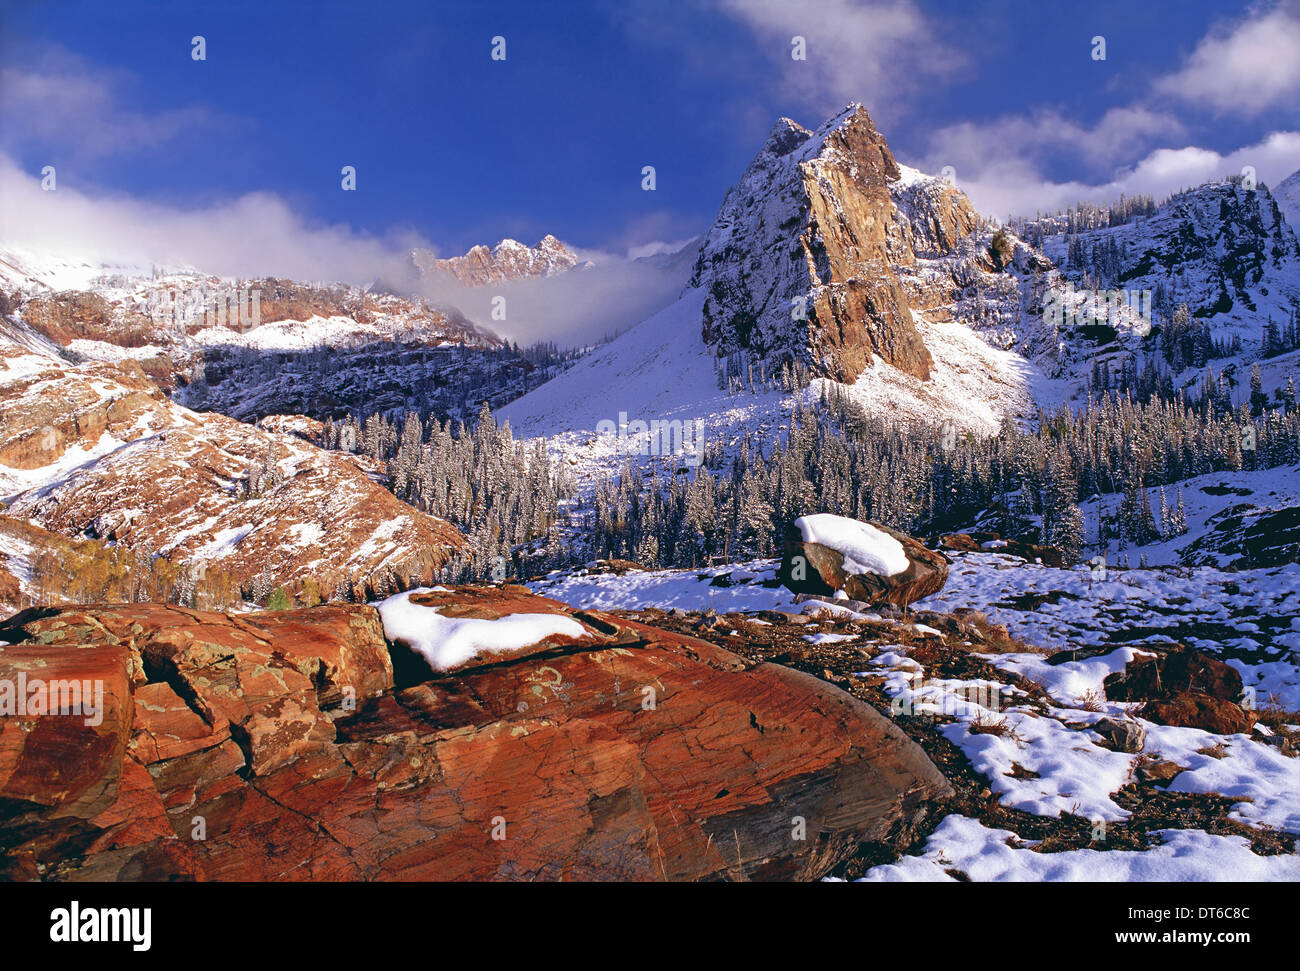 Winter in Cottonwood Canyon Bergen Wasatchkette. Kiefernwälder im Schnee mit niedrigen Wolken. Die Twin Peaks Wilderness Area. Stockbild